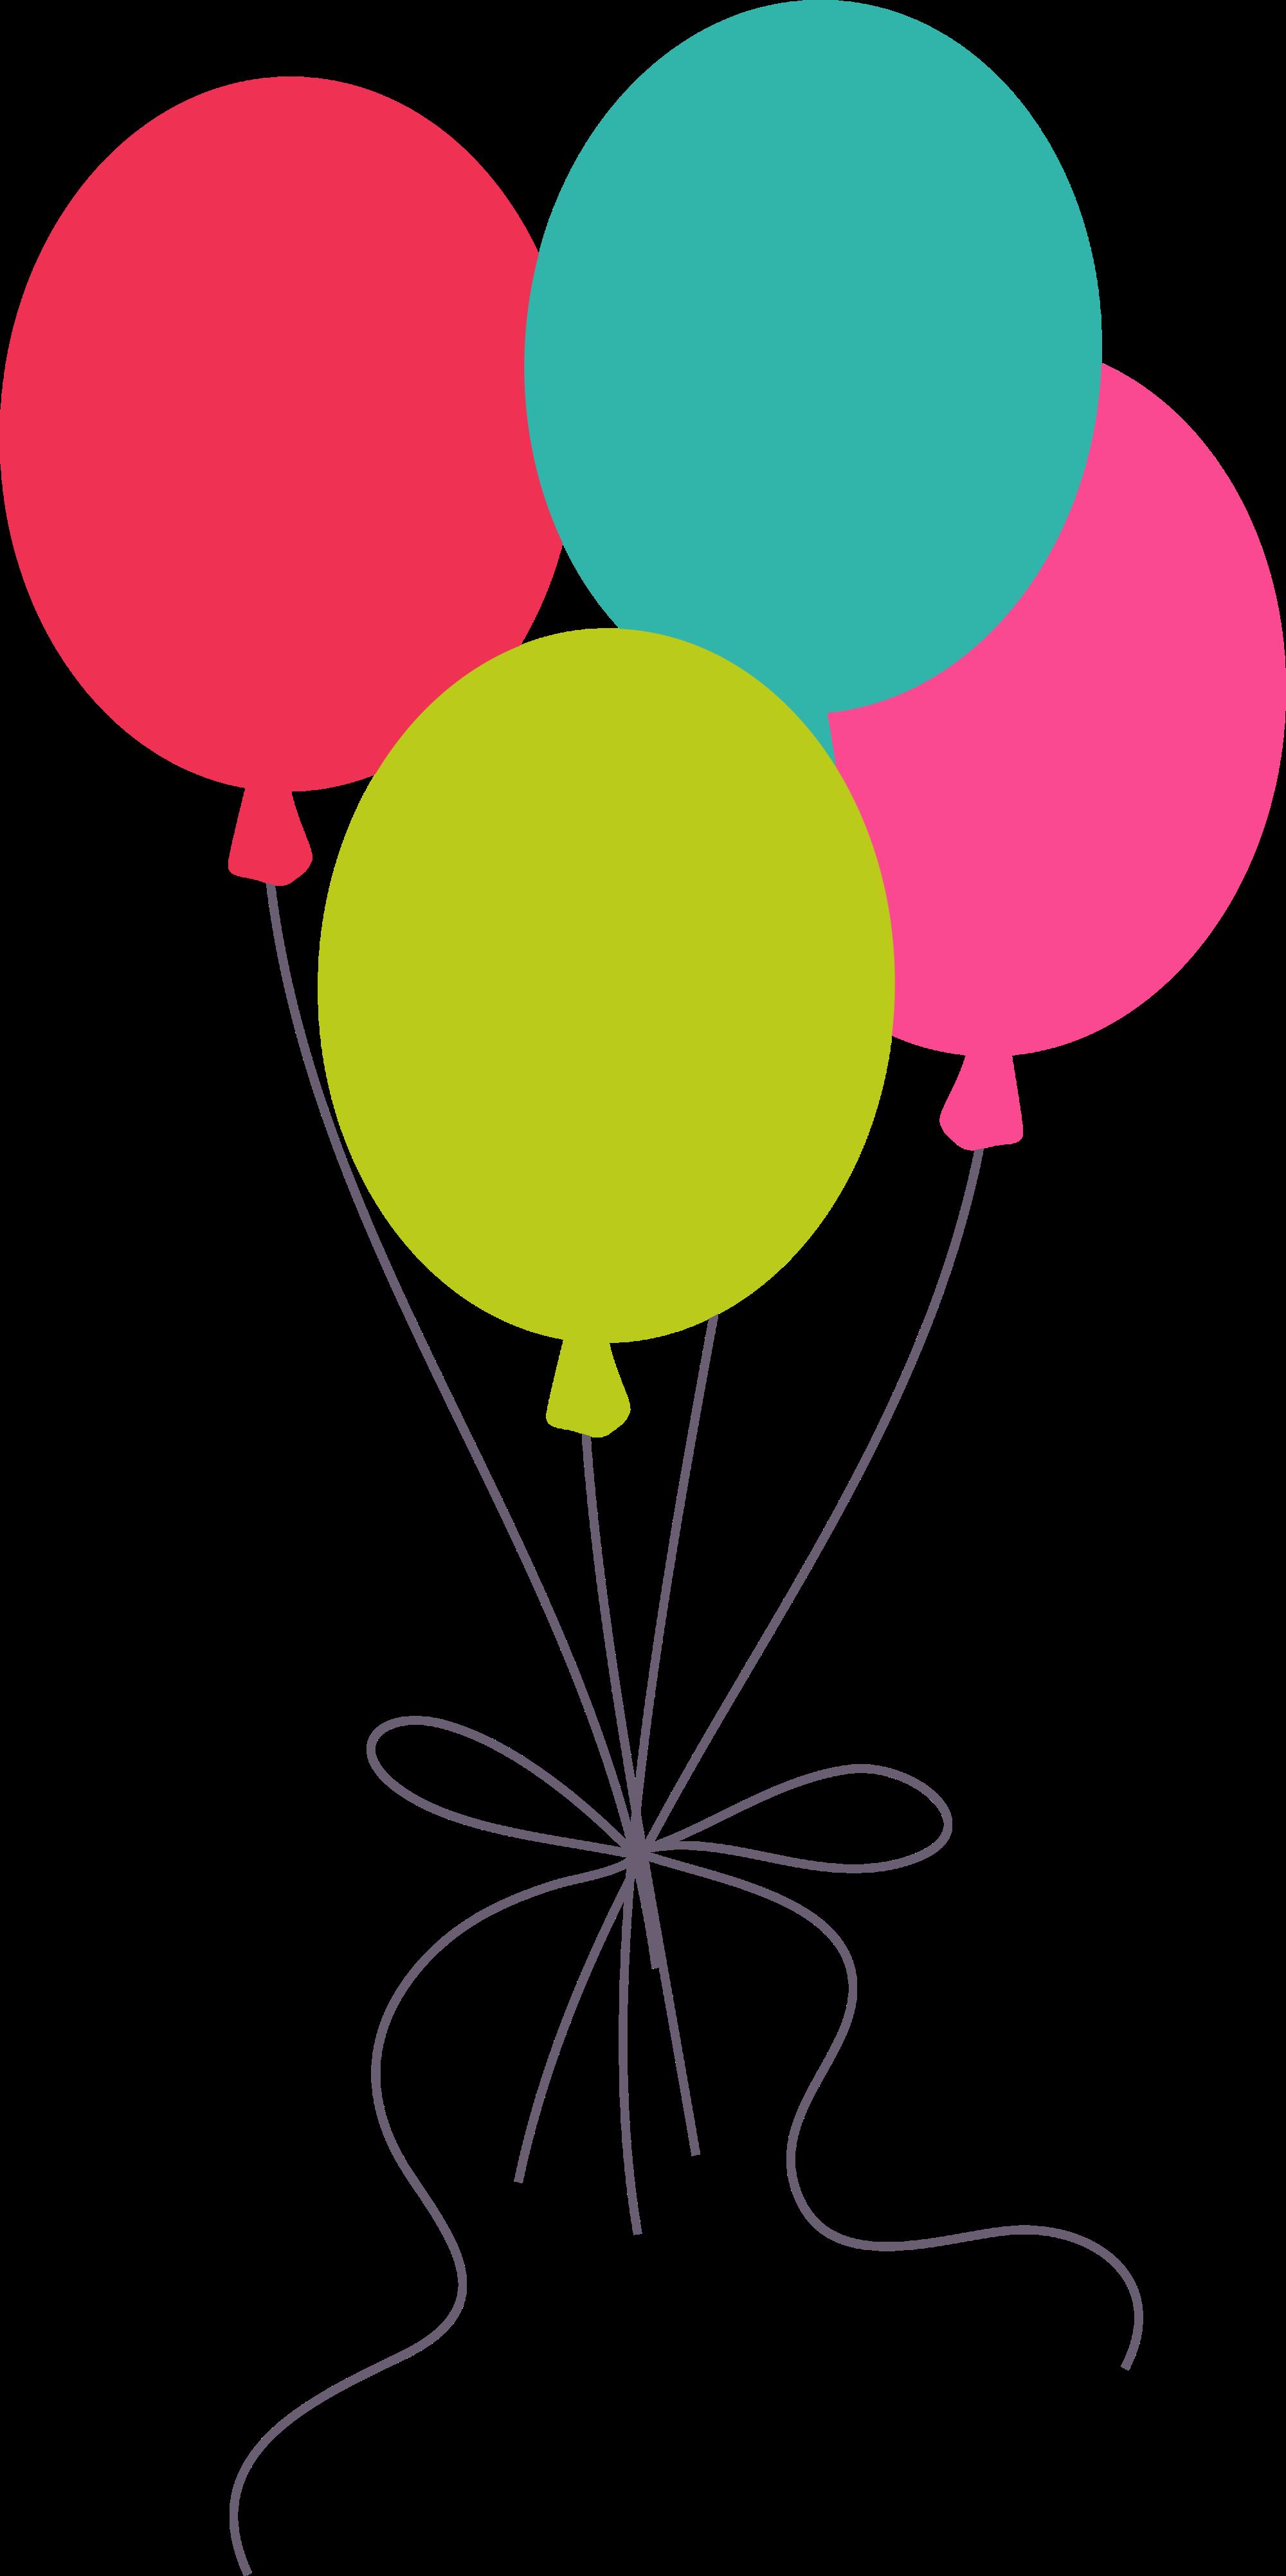 Cartoon clip art colorful. Clipart balloon peach